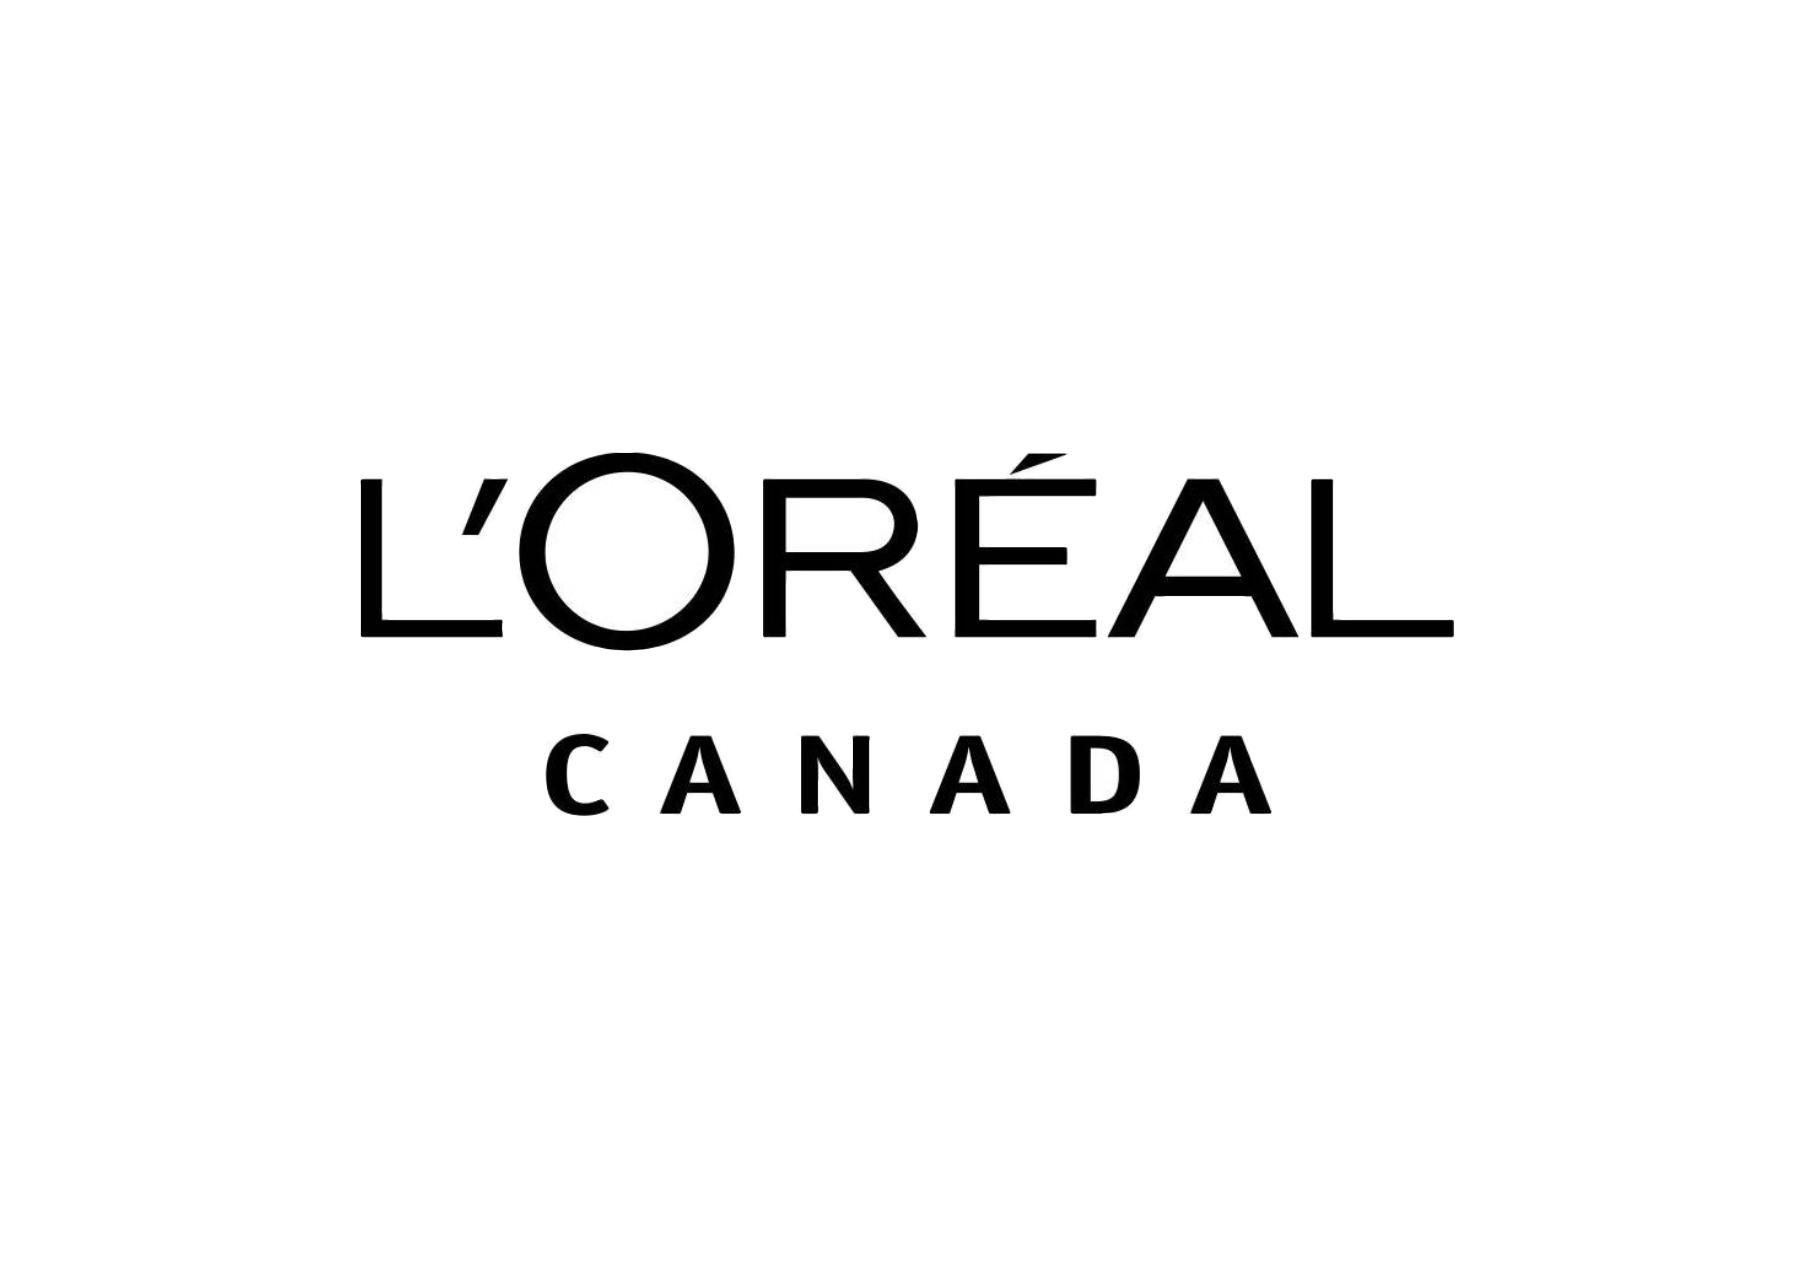 L'oreal Canada logo.jpg